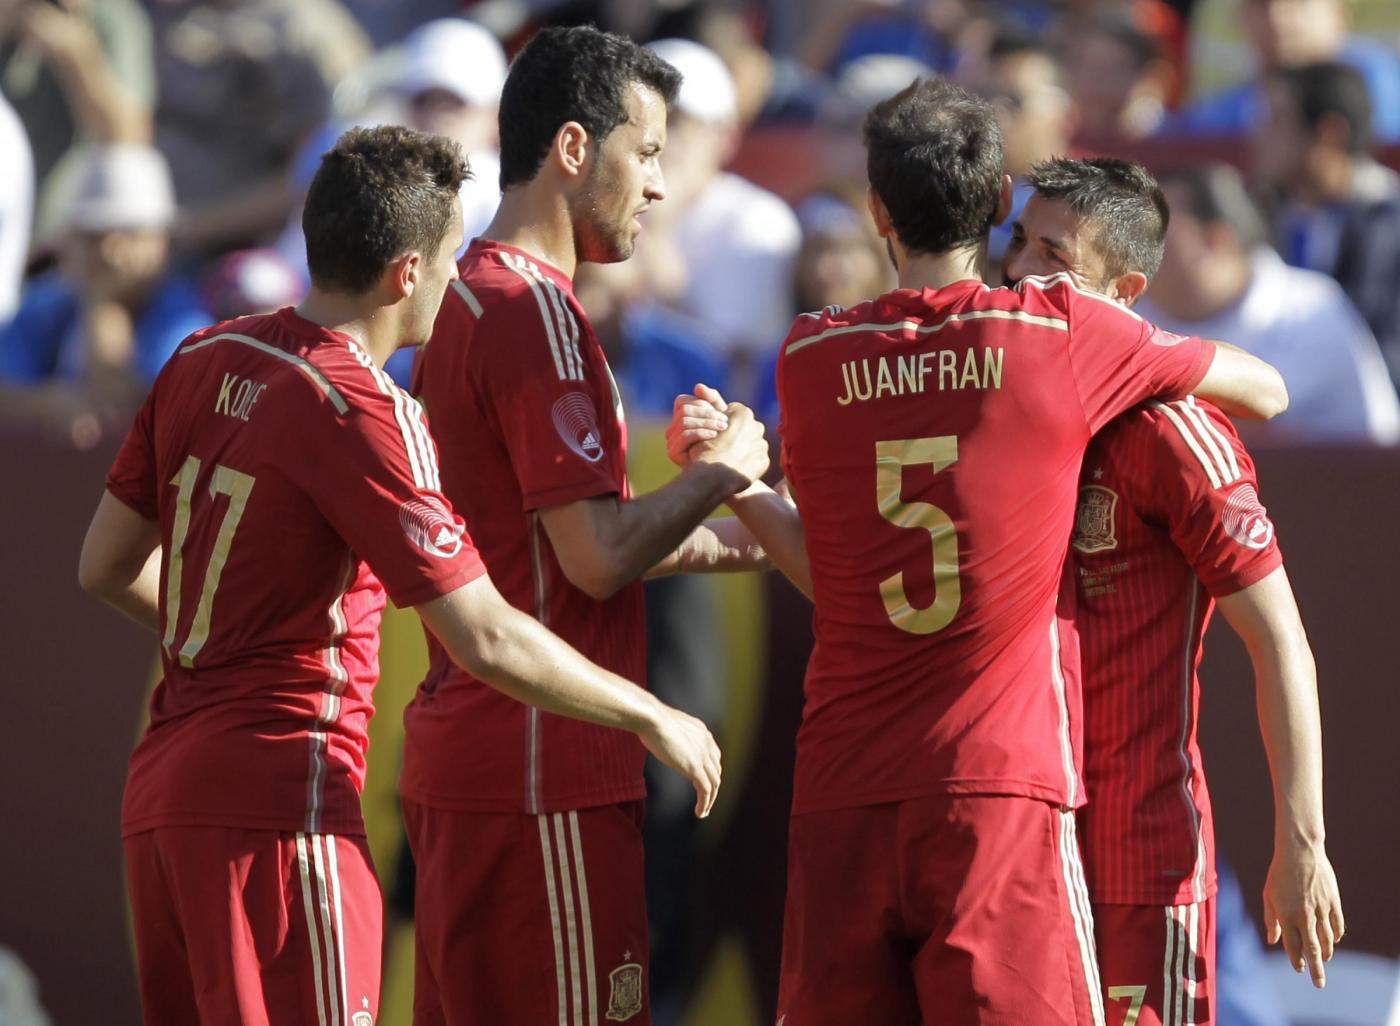 Mondiali 2014: Spagna vs Olanda, i precedenti e le quote